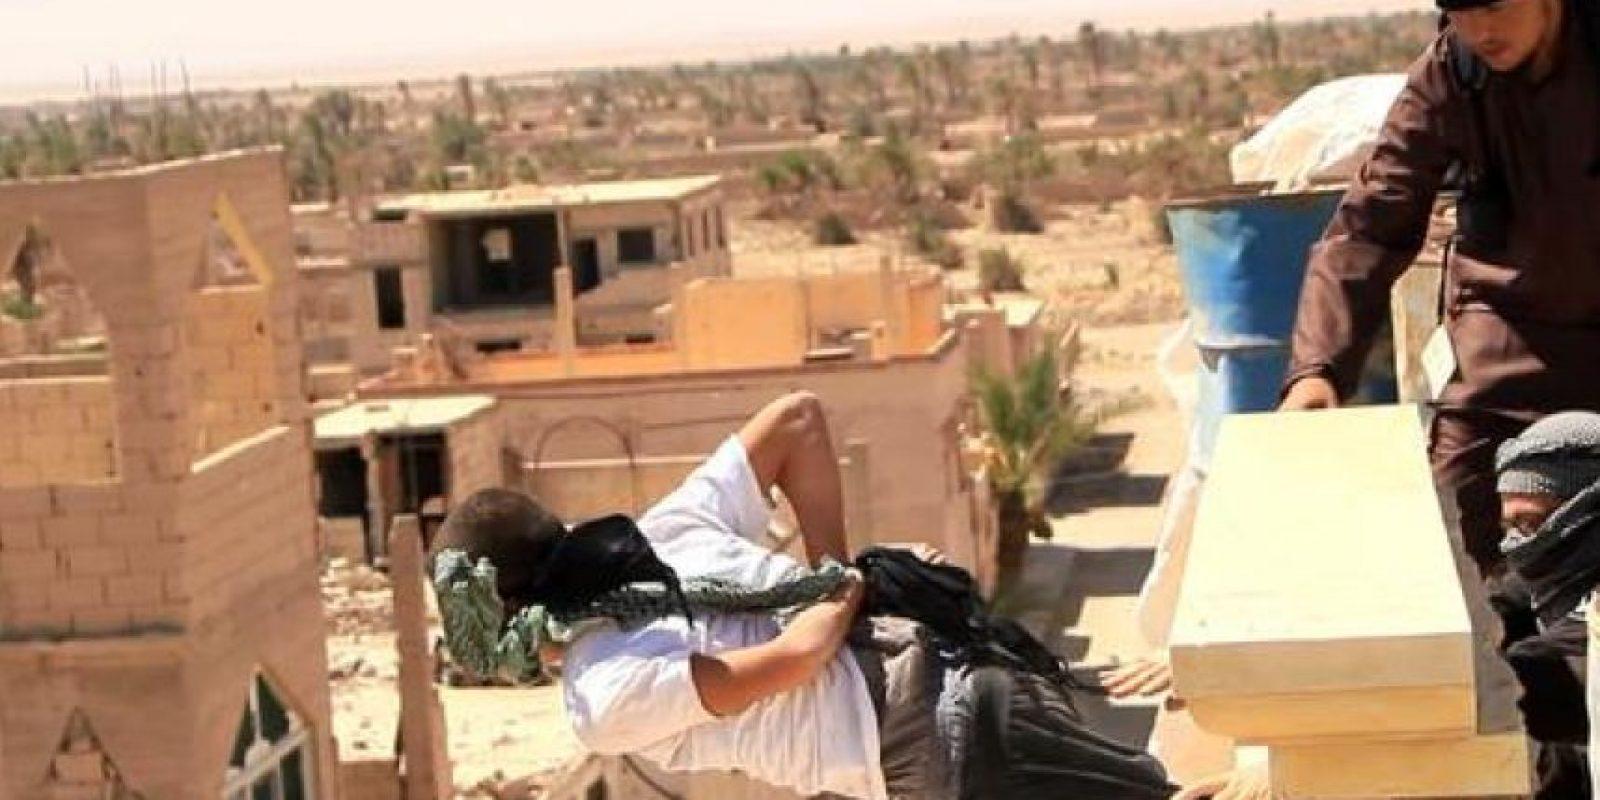 Las ejecuciones de homosexuales son comunes en la zona controlada por ISIS Foto:Twitter.com/raqqa_mcr